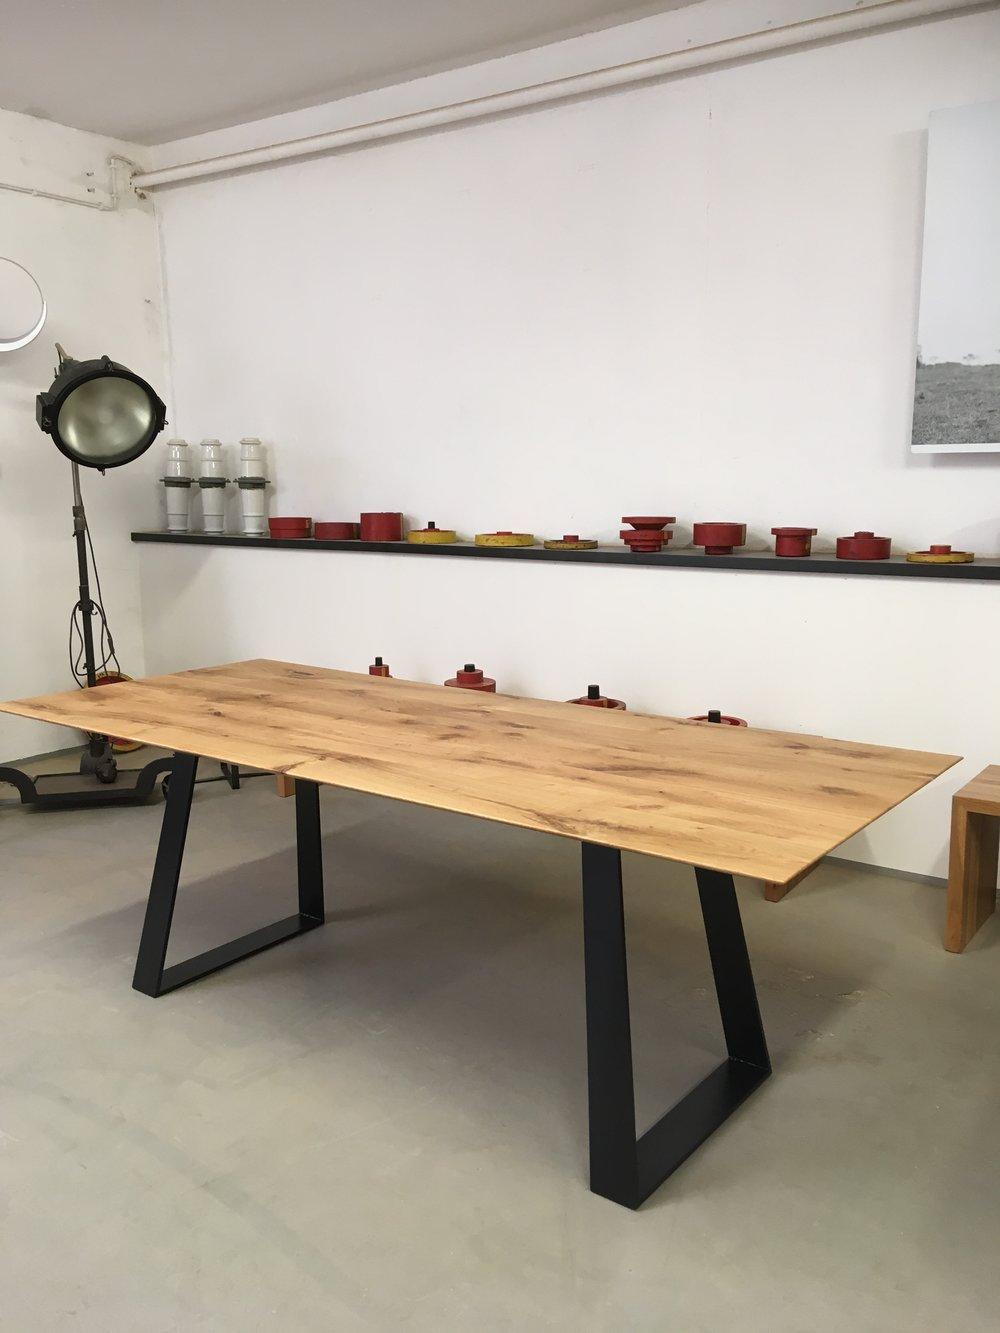 Dieser Tisch ist bereits verkauft, der nächste ich in Arbeit.